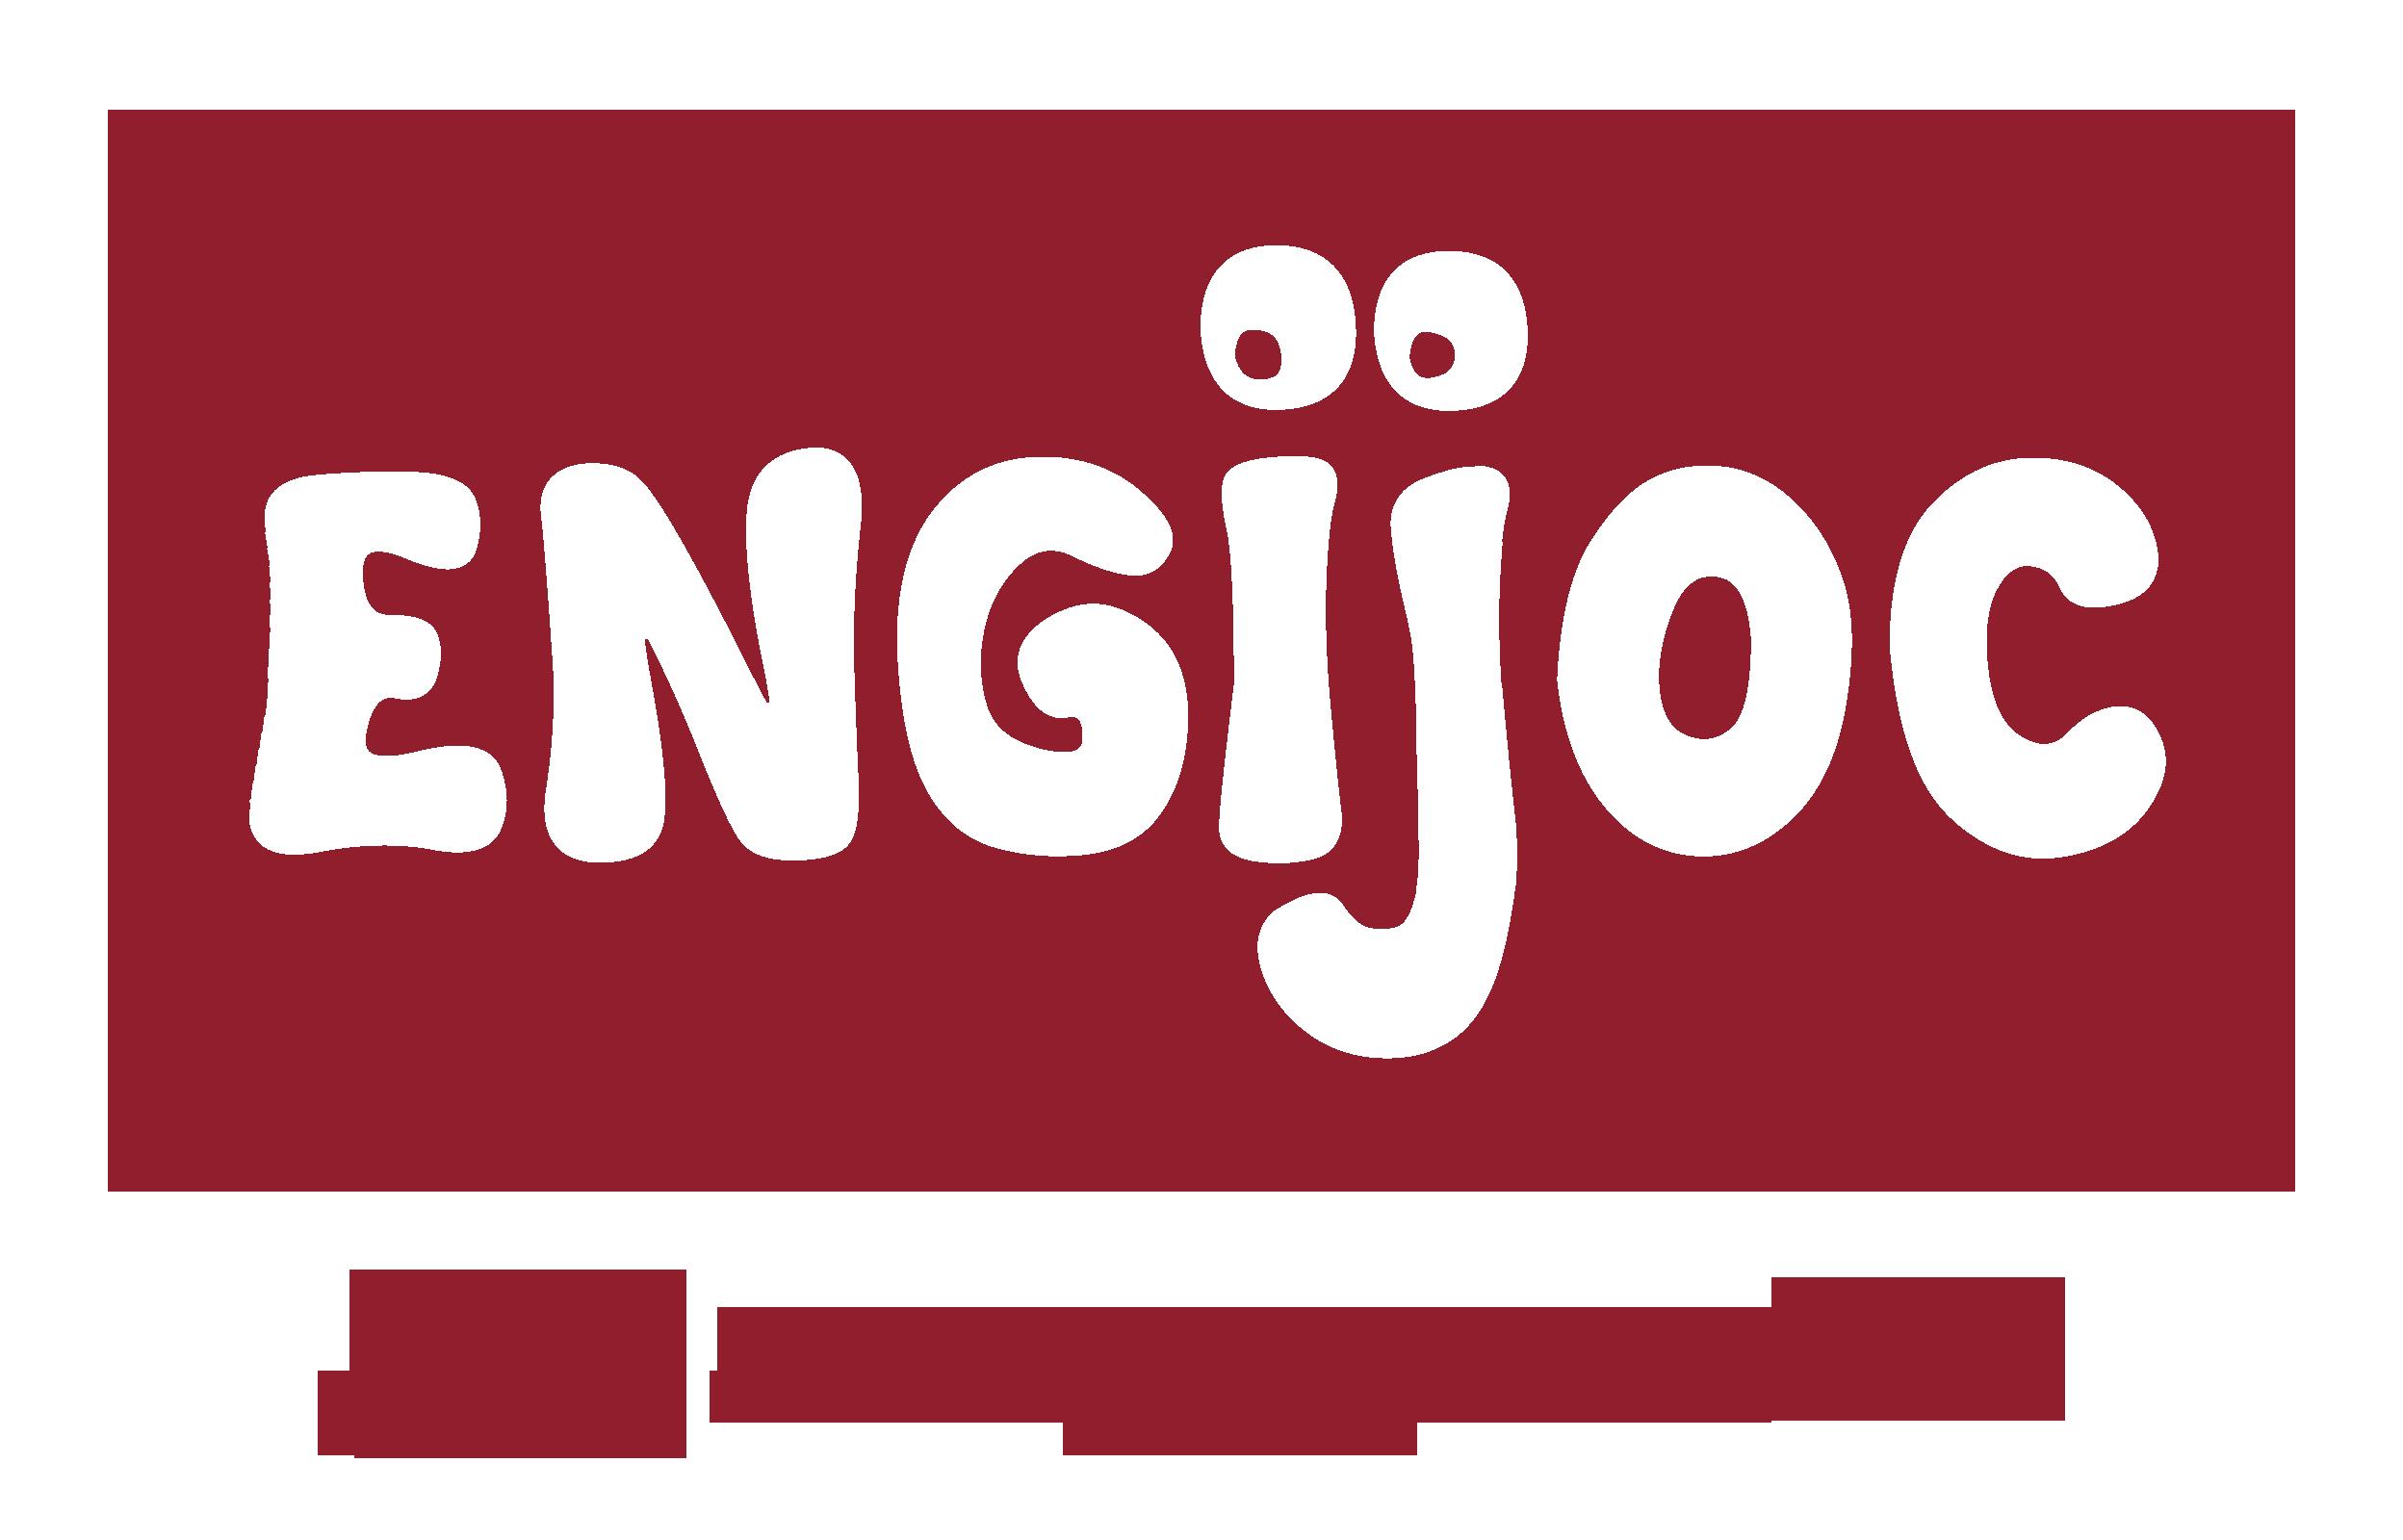 PE2015-Engijoc-Logo